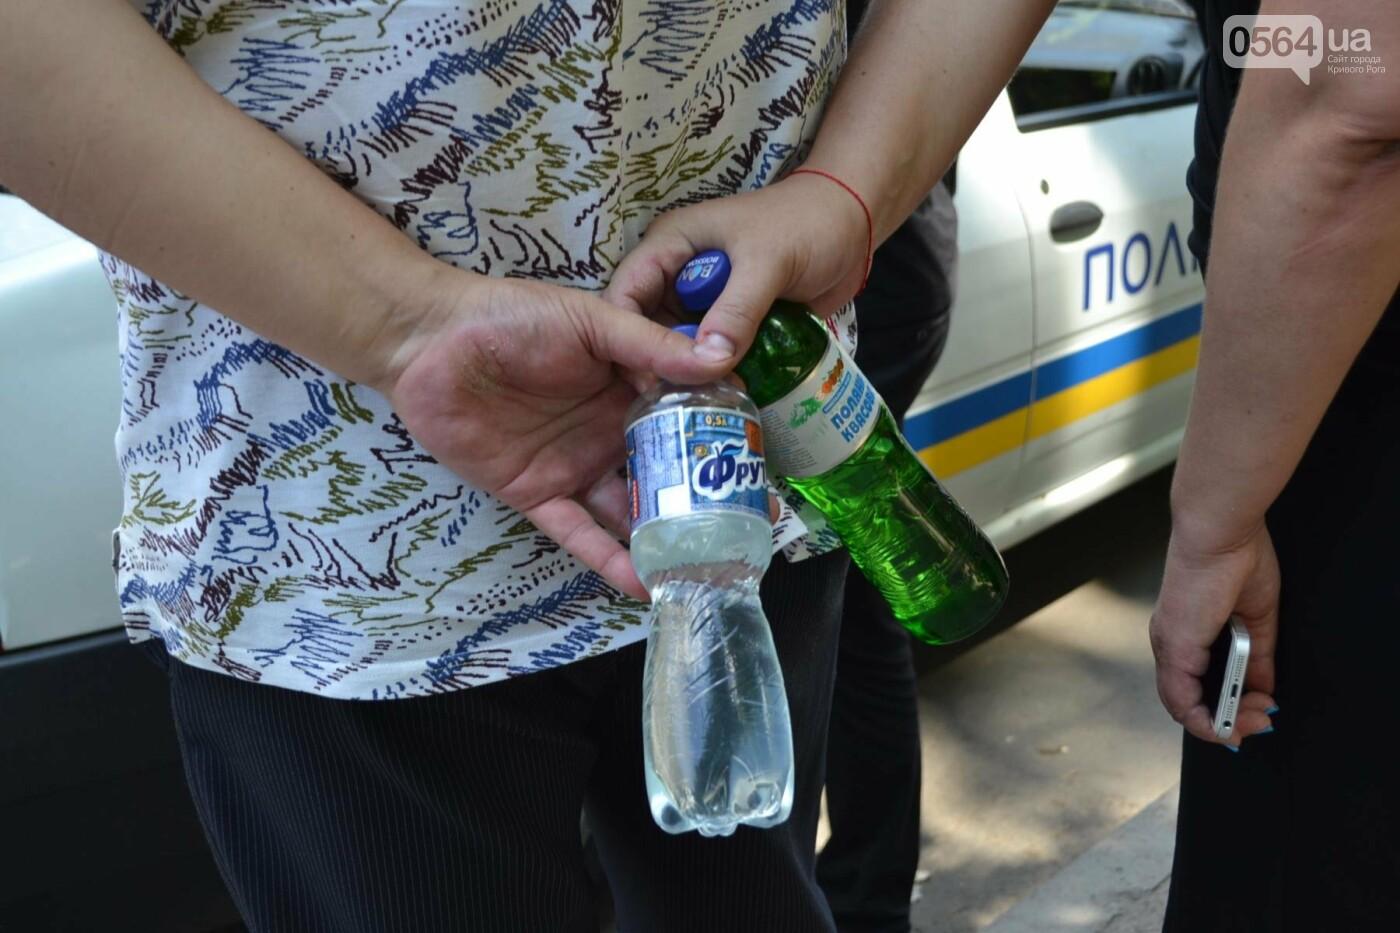 """В Кривом Роге активисты обнаружили очередную """"наливайку"""", а полицейский назвал это """"фигней"""", - ФОТО, ВИДЕО, фото-12"""